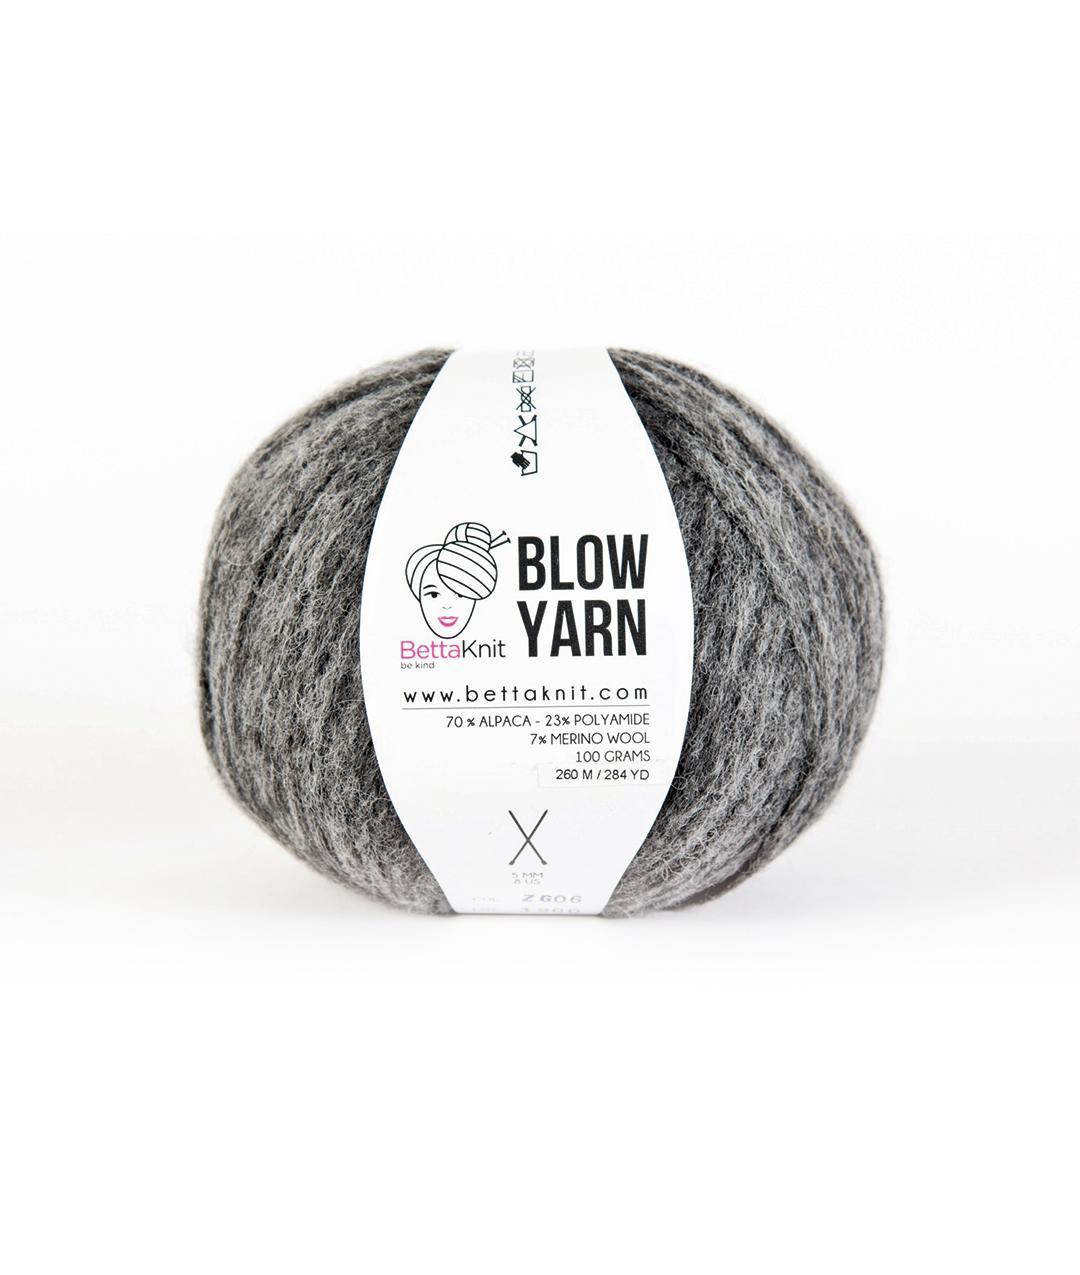 Filati - Gomitoli senza ferri - Blow Yarn Pack - 5 gomitoli - 1